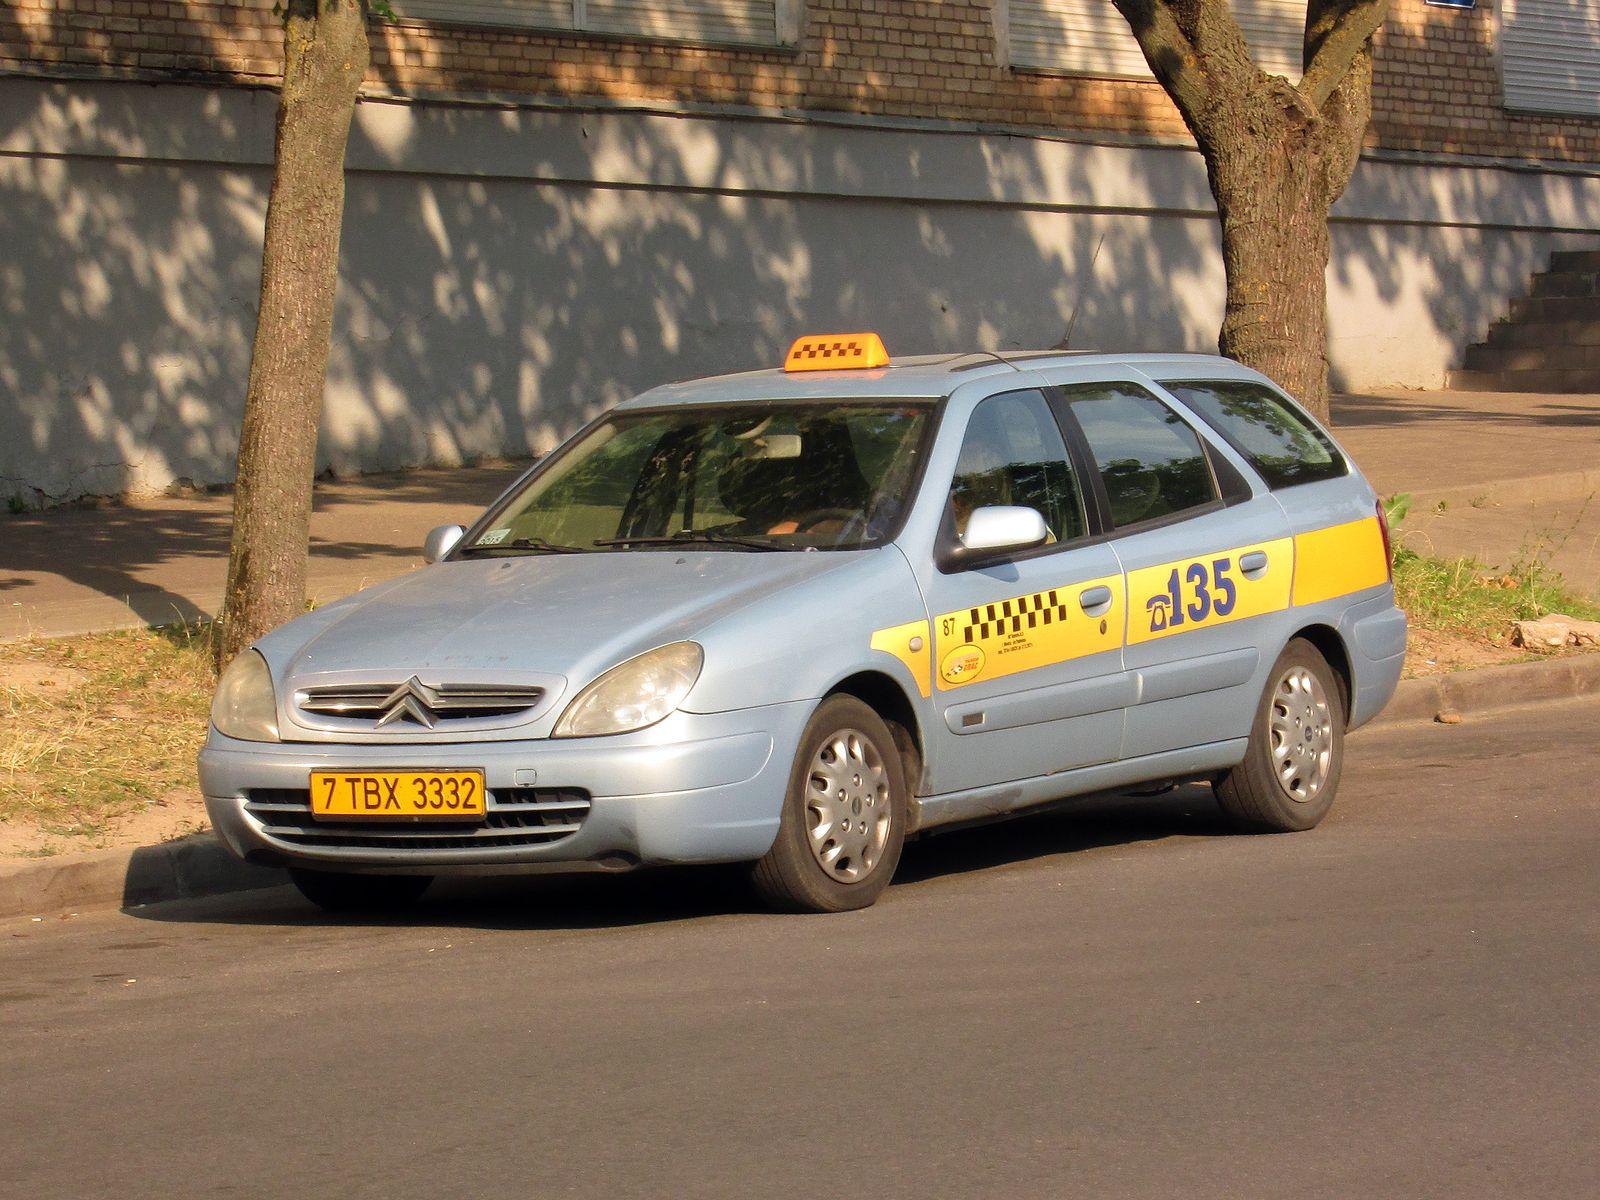 Дубликаты гос номеров на такси за 5 минут - 900 руб 90